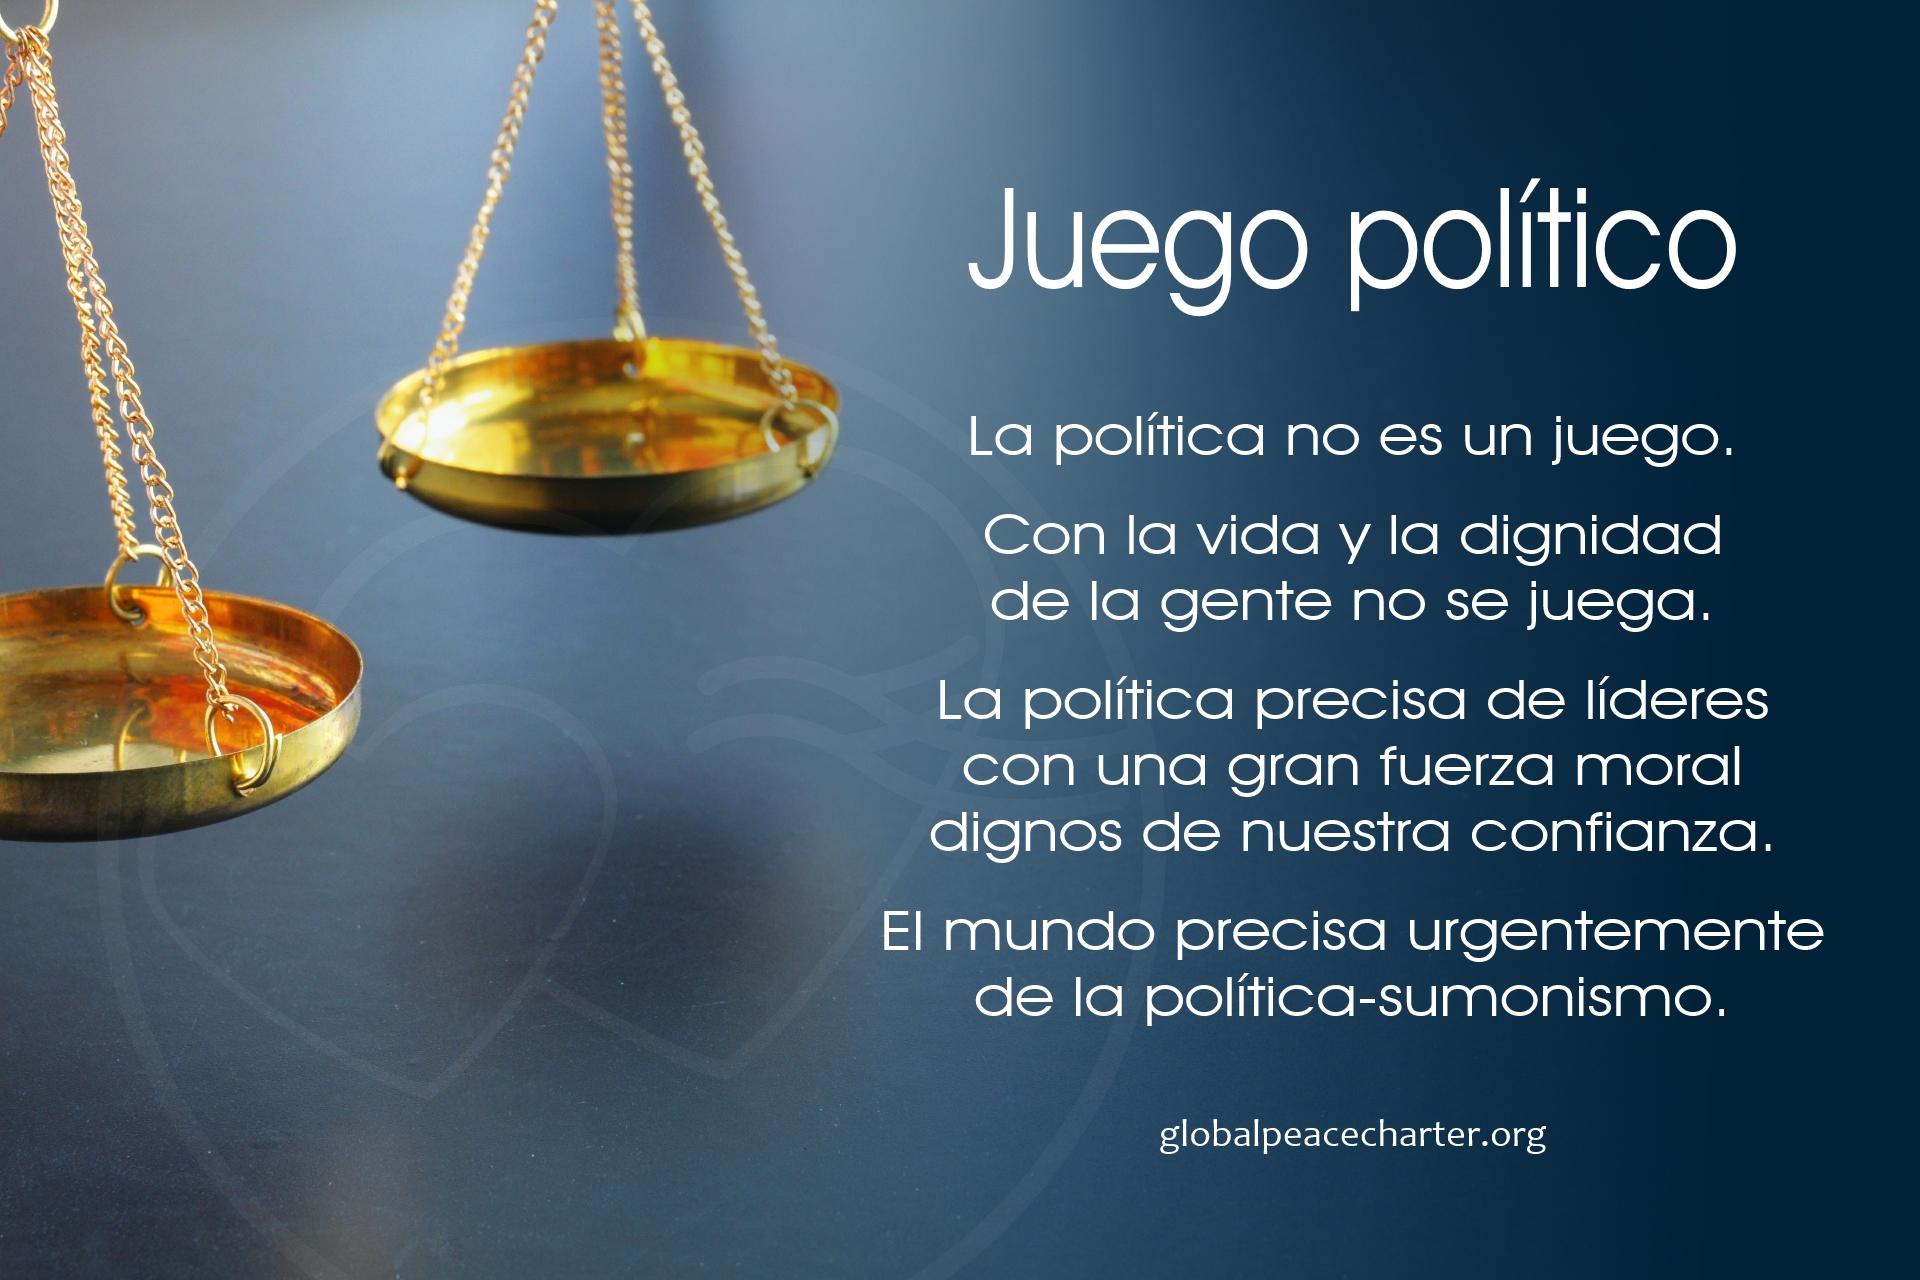 Juego político